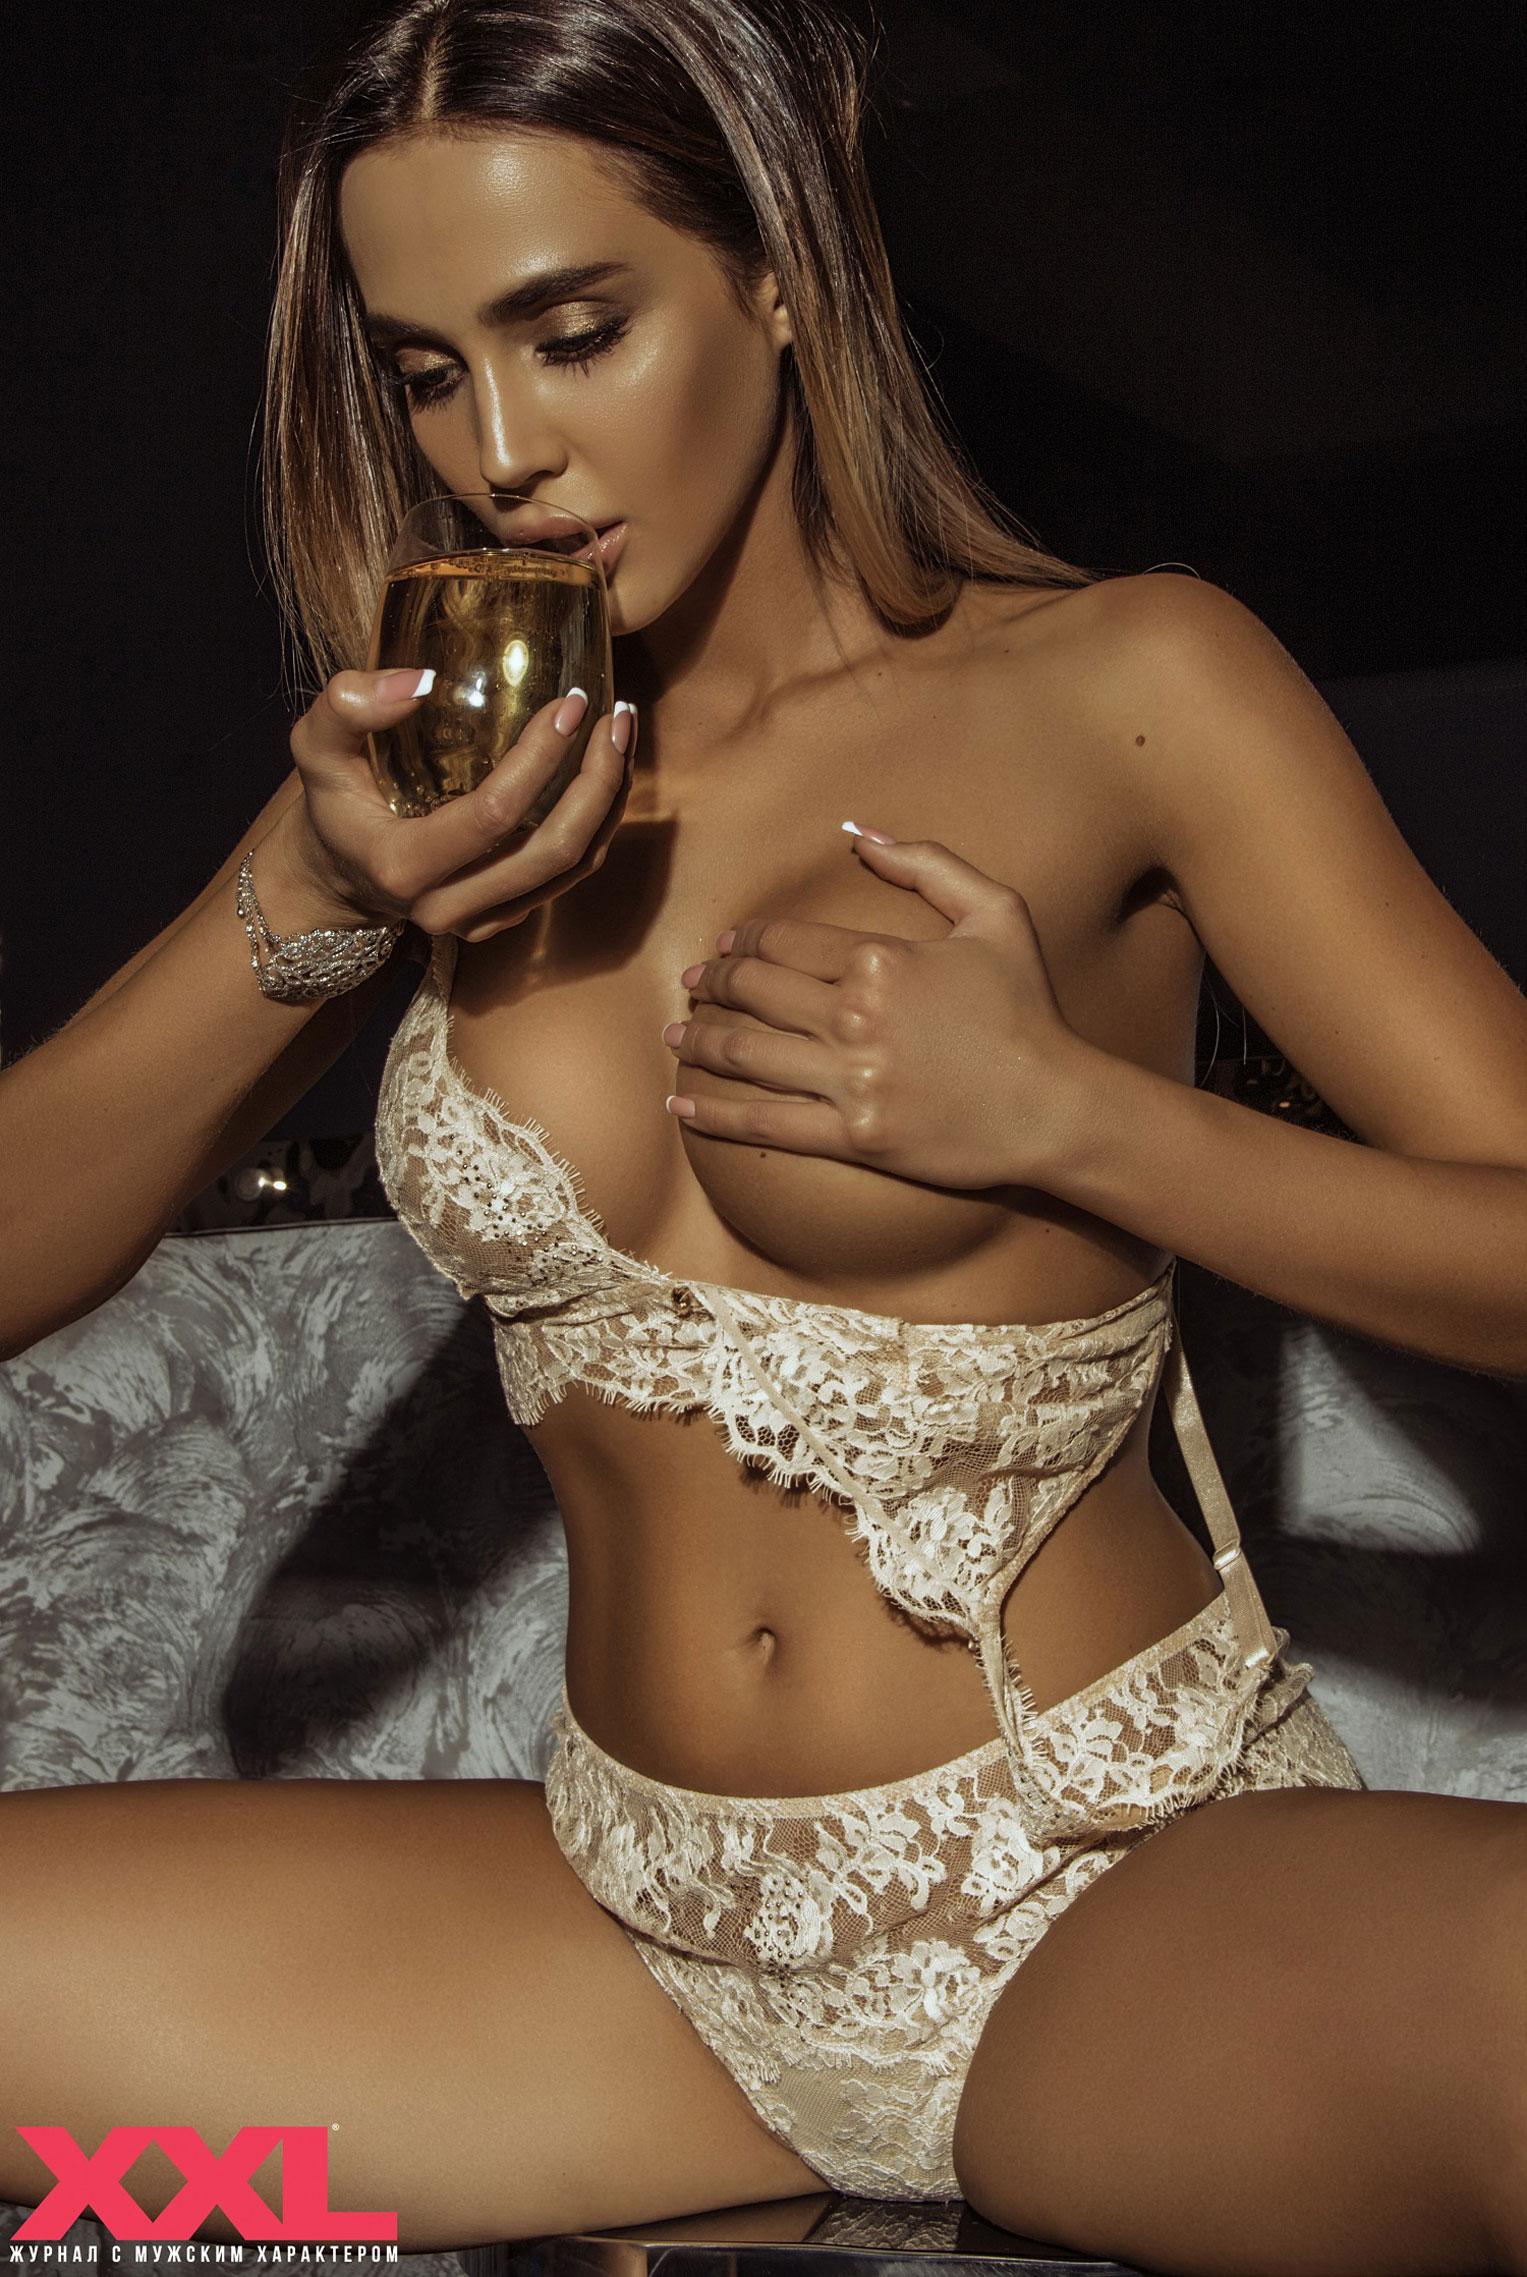 Актриса, модель и телеведущая Эмма Ди в нижнем белье в мужском журнале XXL / фото 09